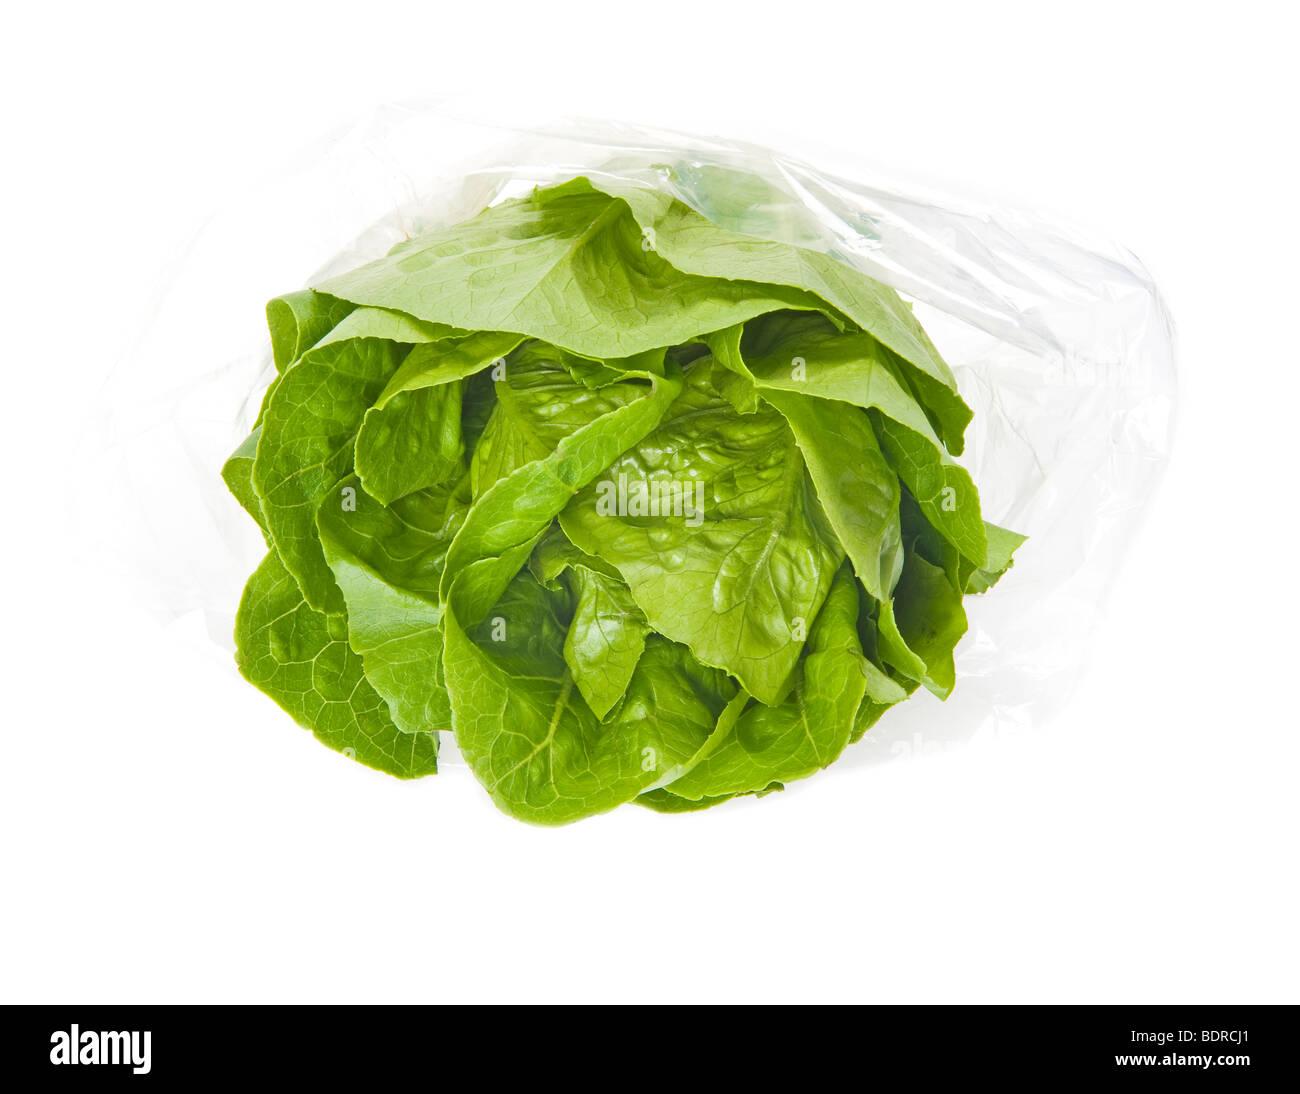 Salat Salat ROMANA grüne Greenfood mediterraner Küche verlässt Italien Italienisch italienische Fitness Stockbild